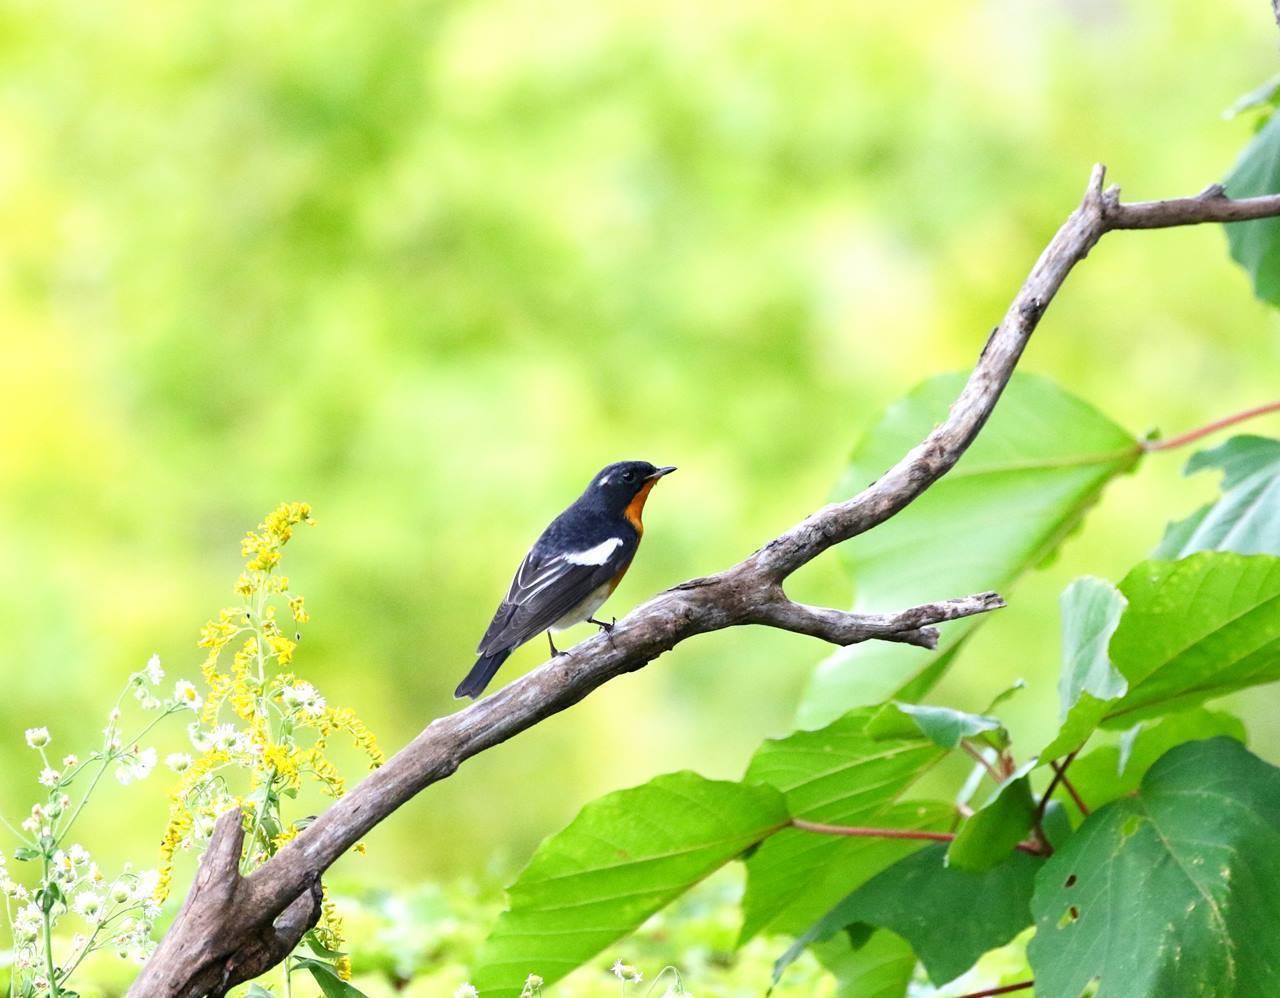 やっとムギマキ♂成鳥に出会う(その1)_c0213607_13080400.jpg